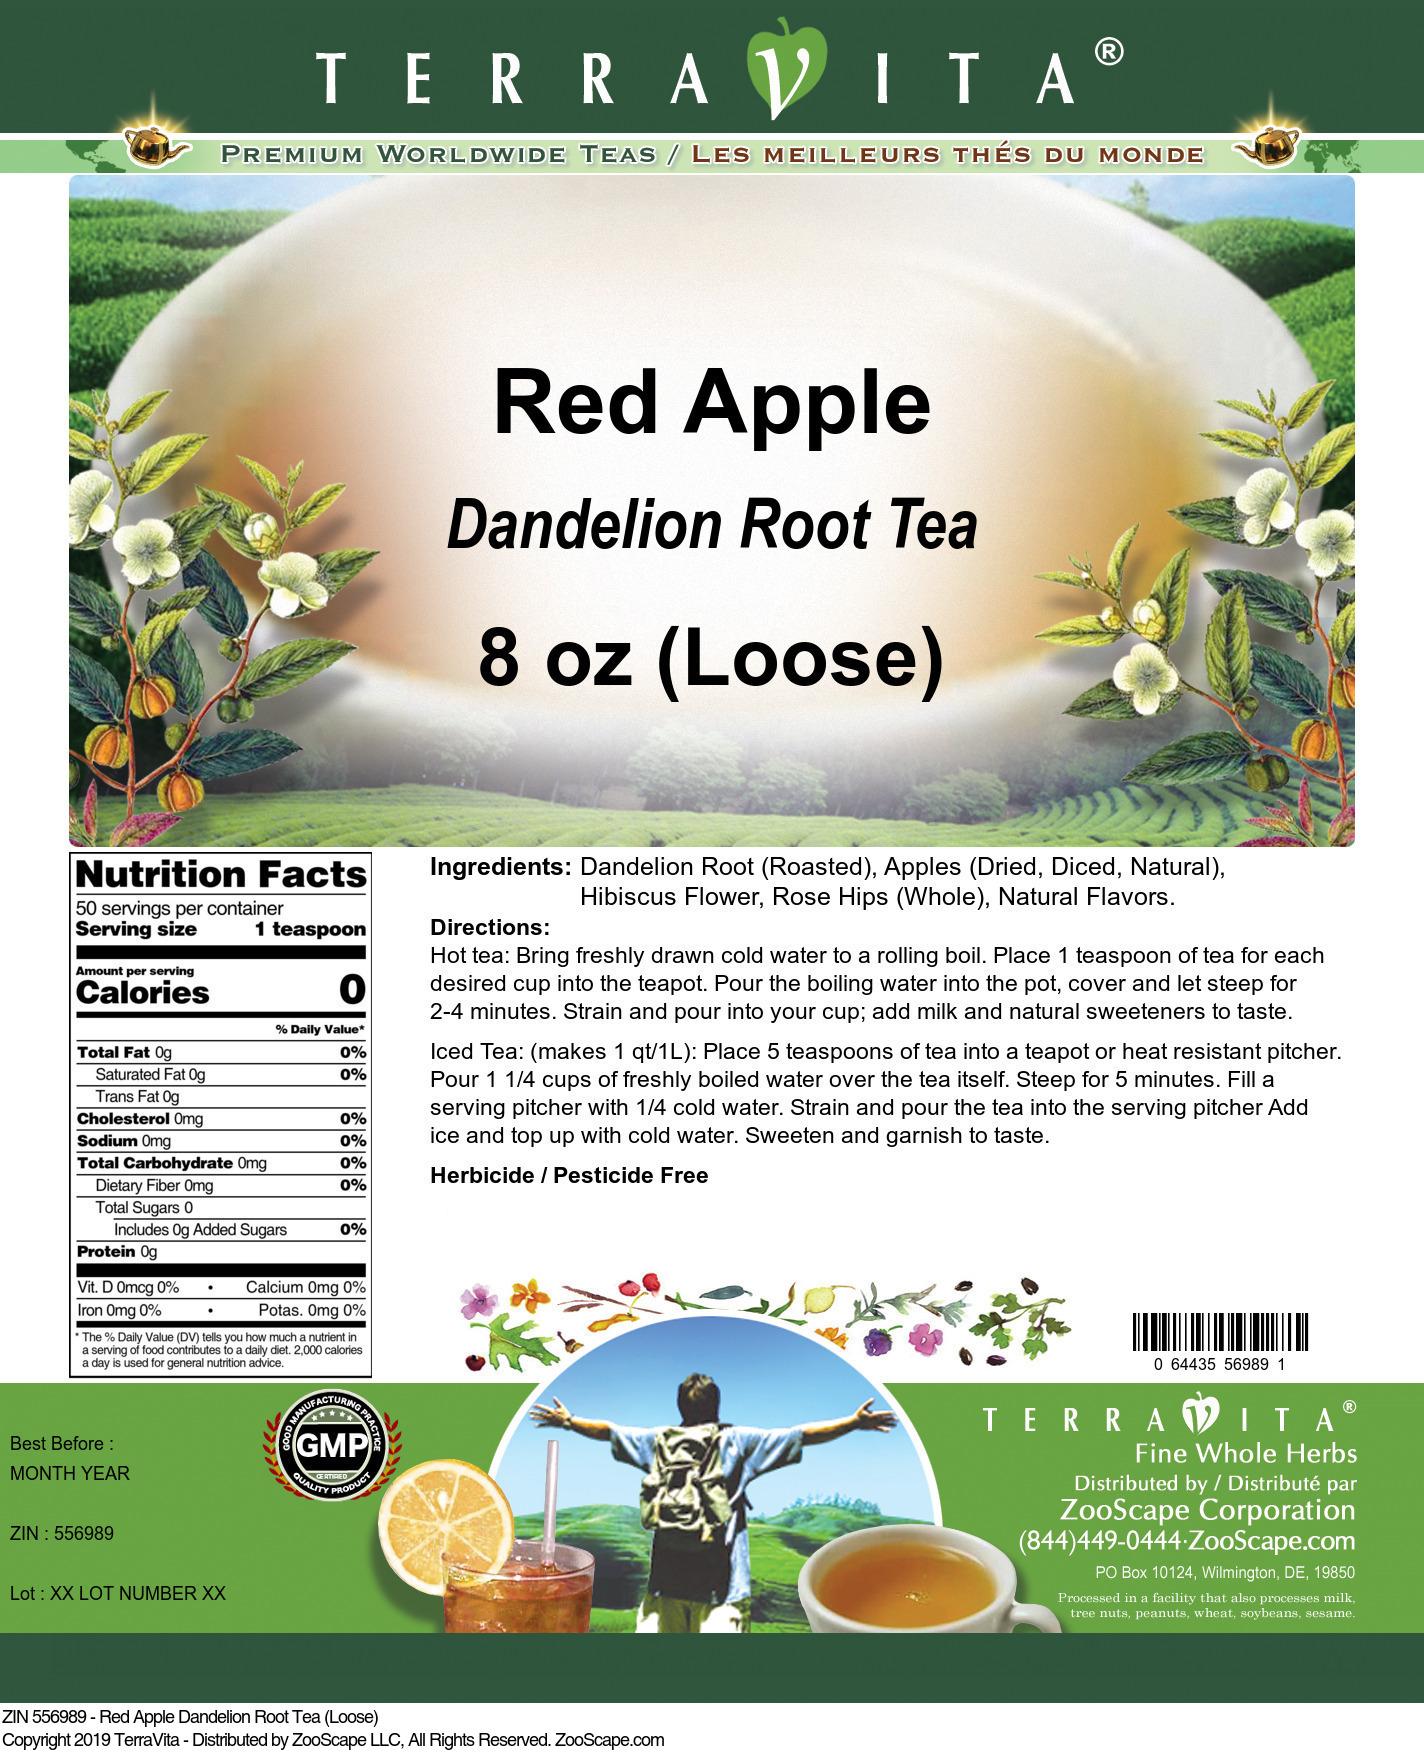 Red Apple Dandelion Root Tea (Loose)